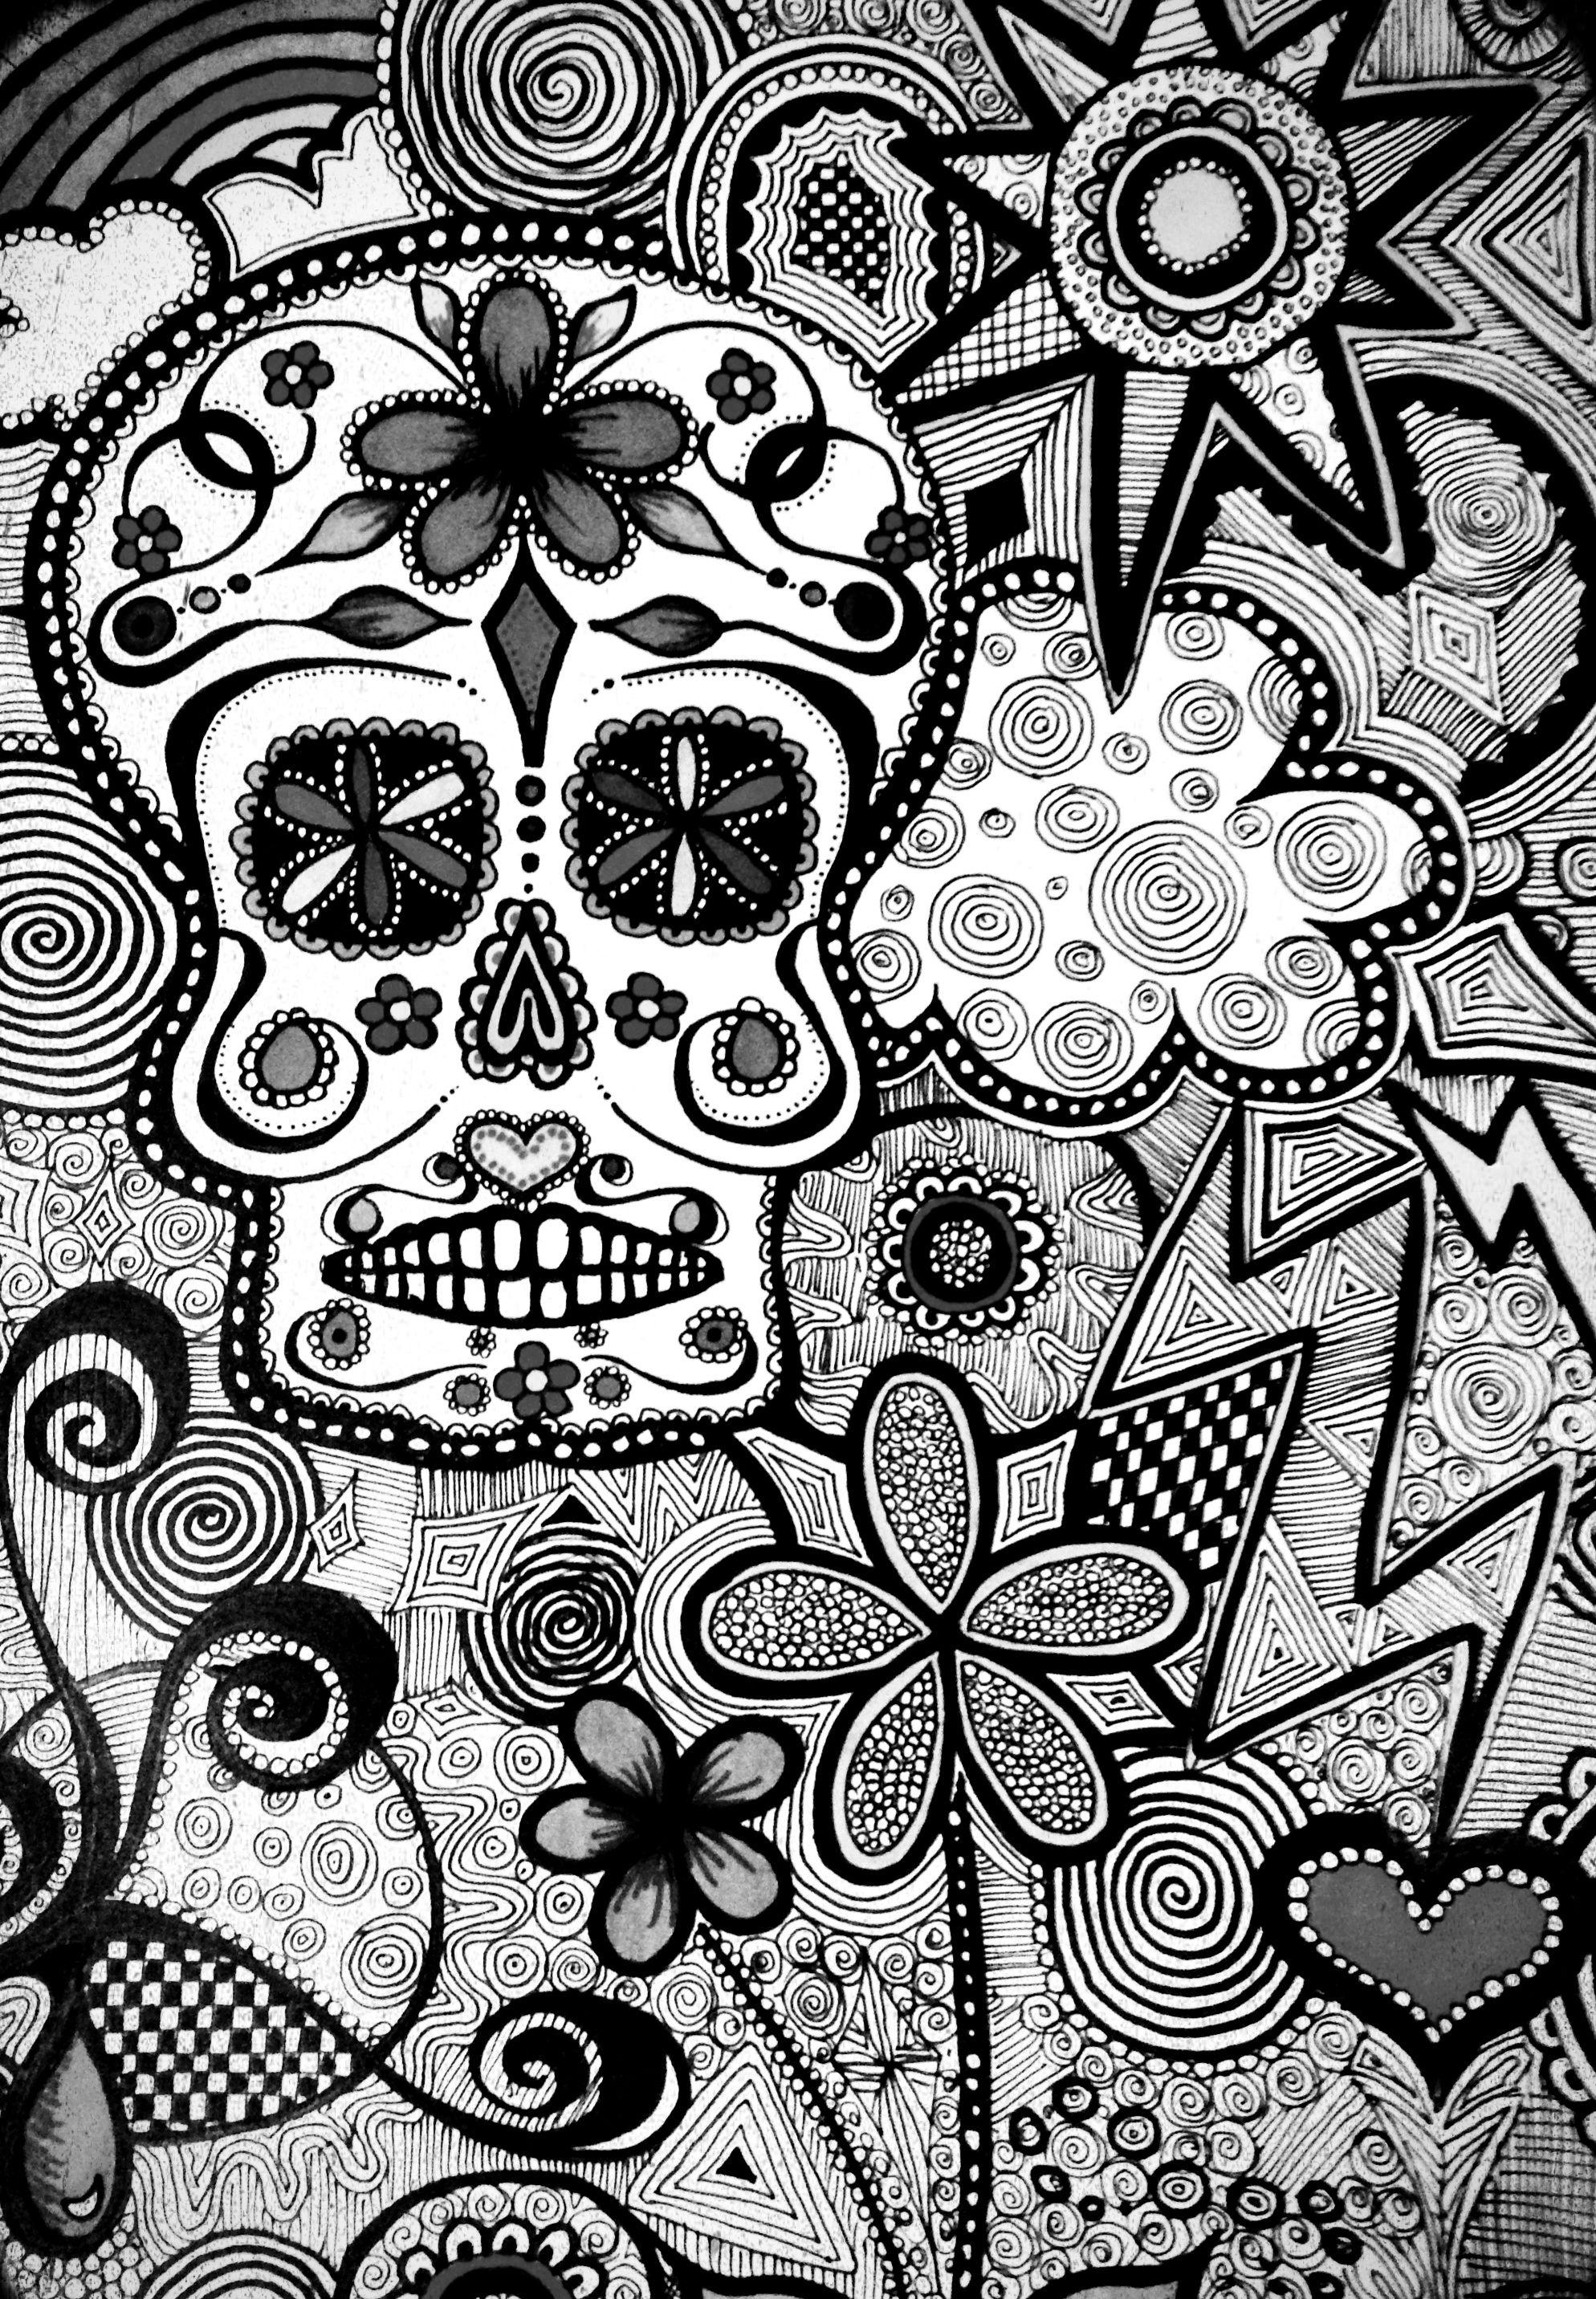 black and white candy skull wallpaper kc art